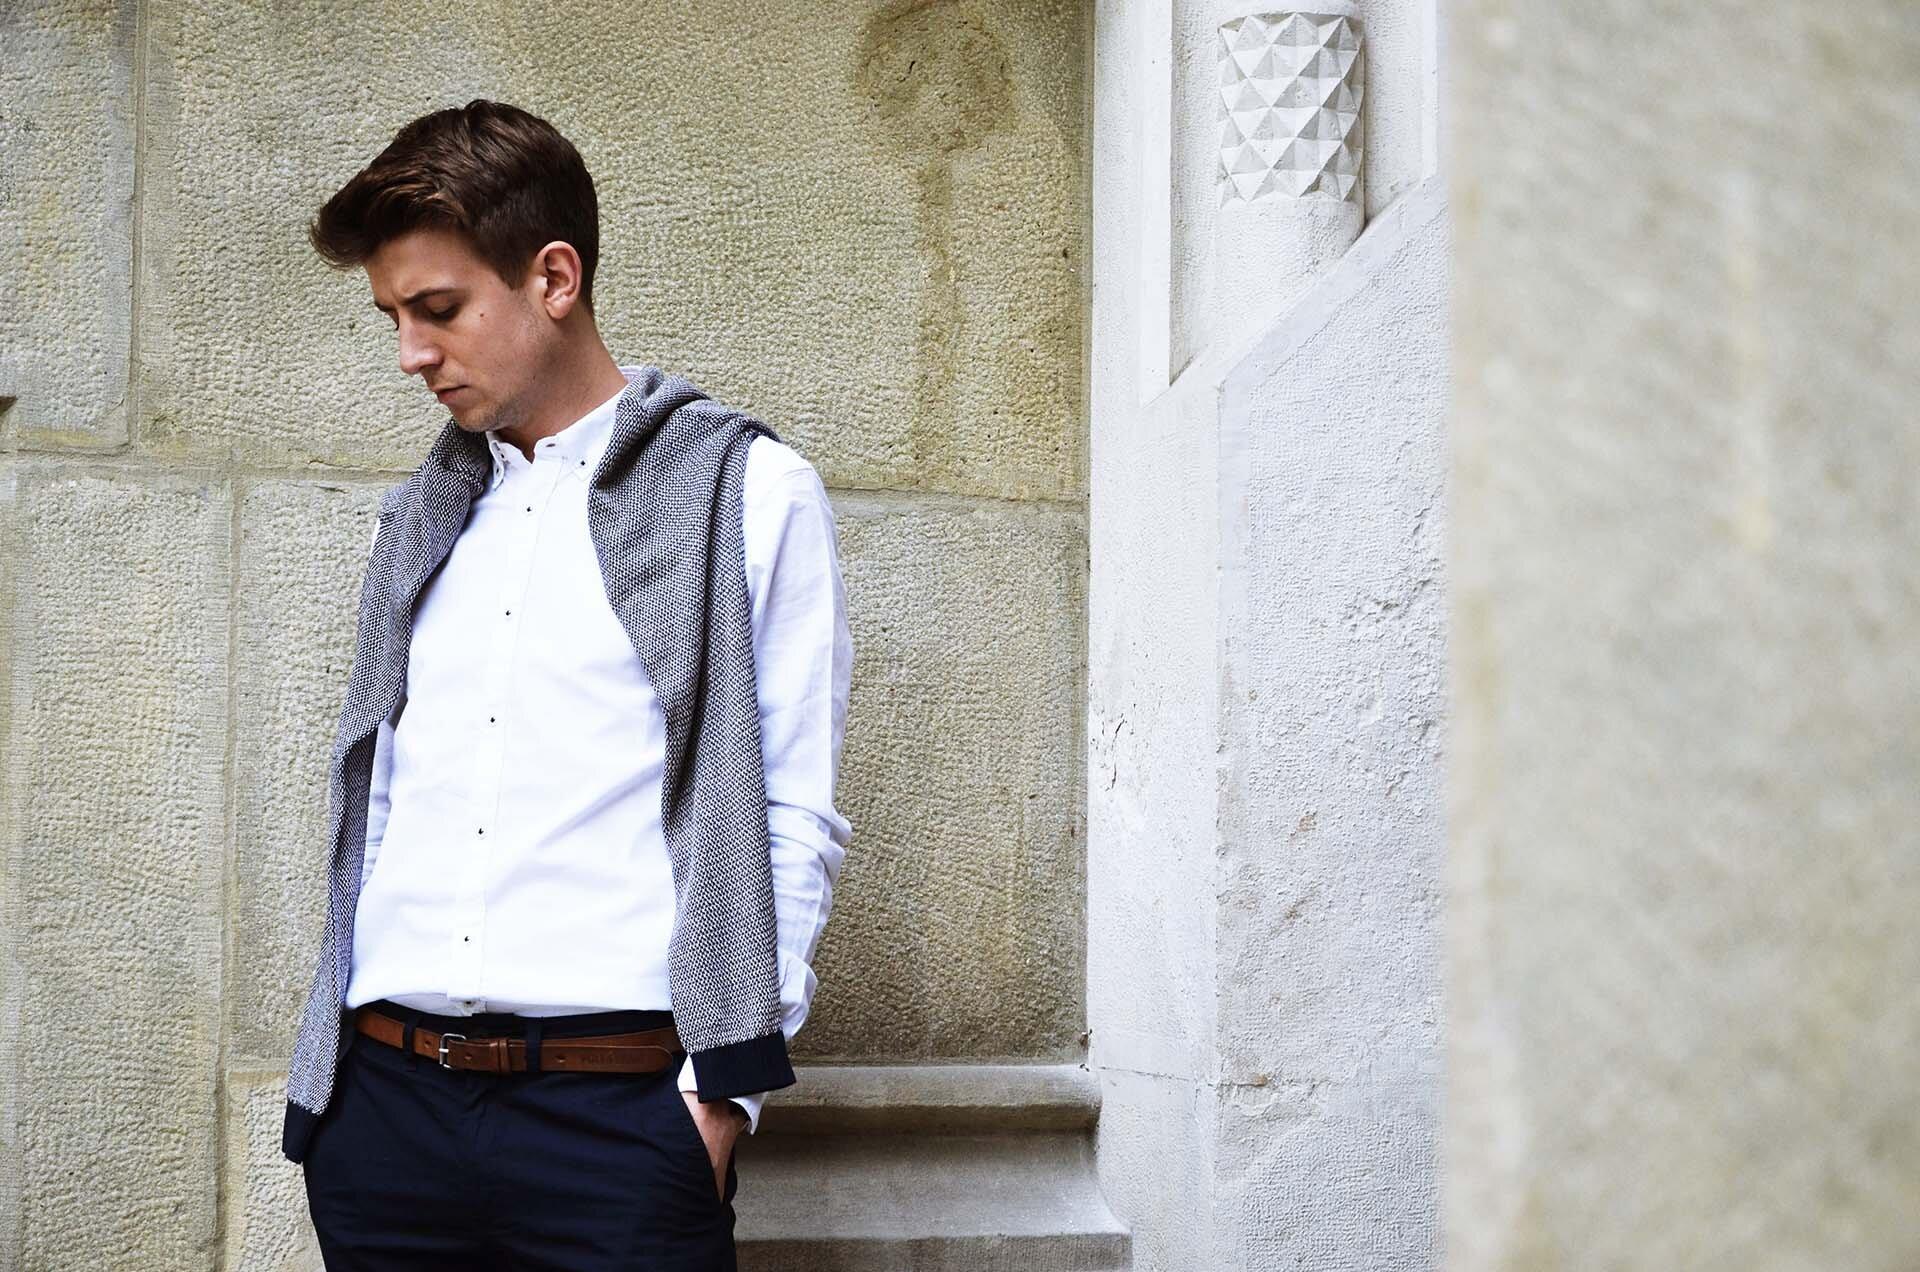 GMALE by Grzegorz Paliś, blog o modzie męskiej, Collegium Novum UJ, biała koszula, mokasyny, obuwie męskie, smart casual